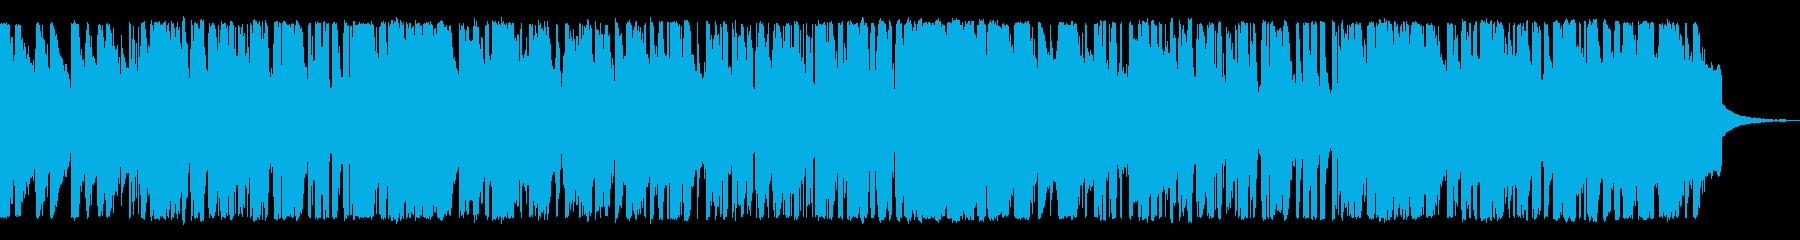 レイジー、ジャズ、ピアノ、トランペットの再生済みの波形